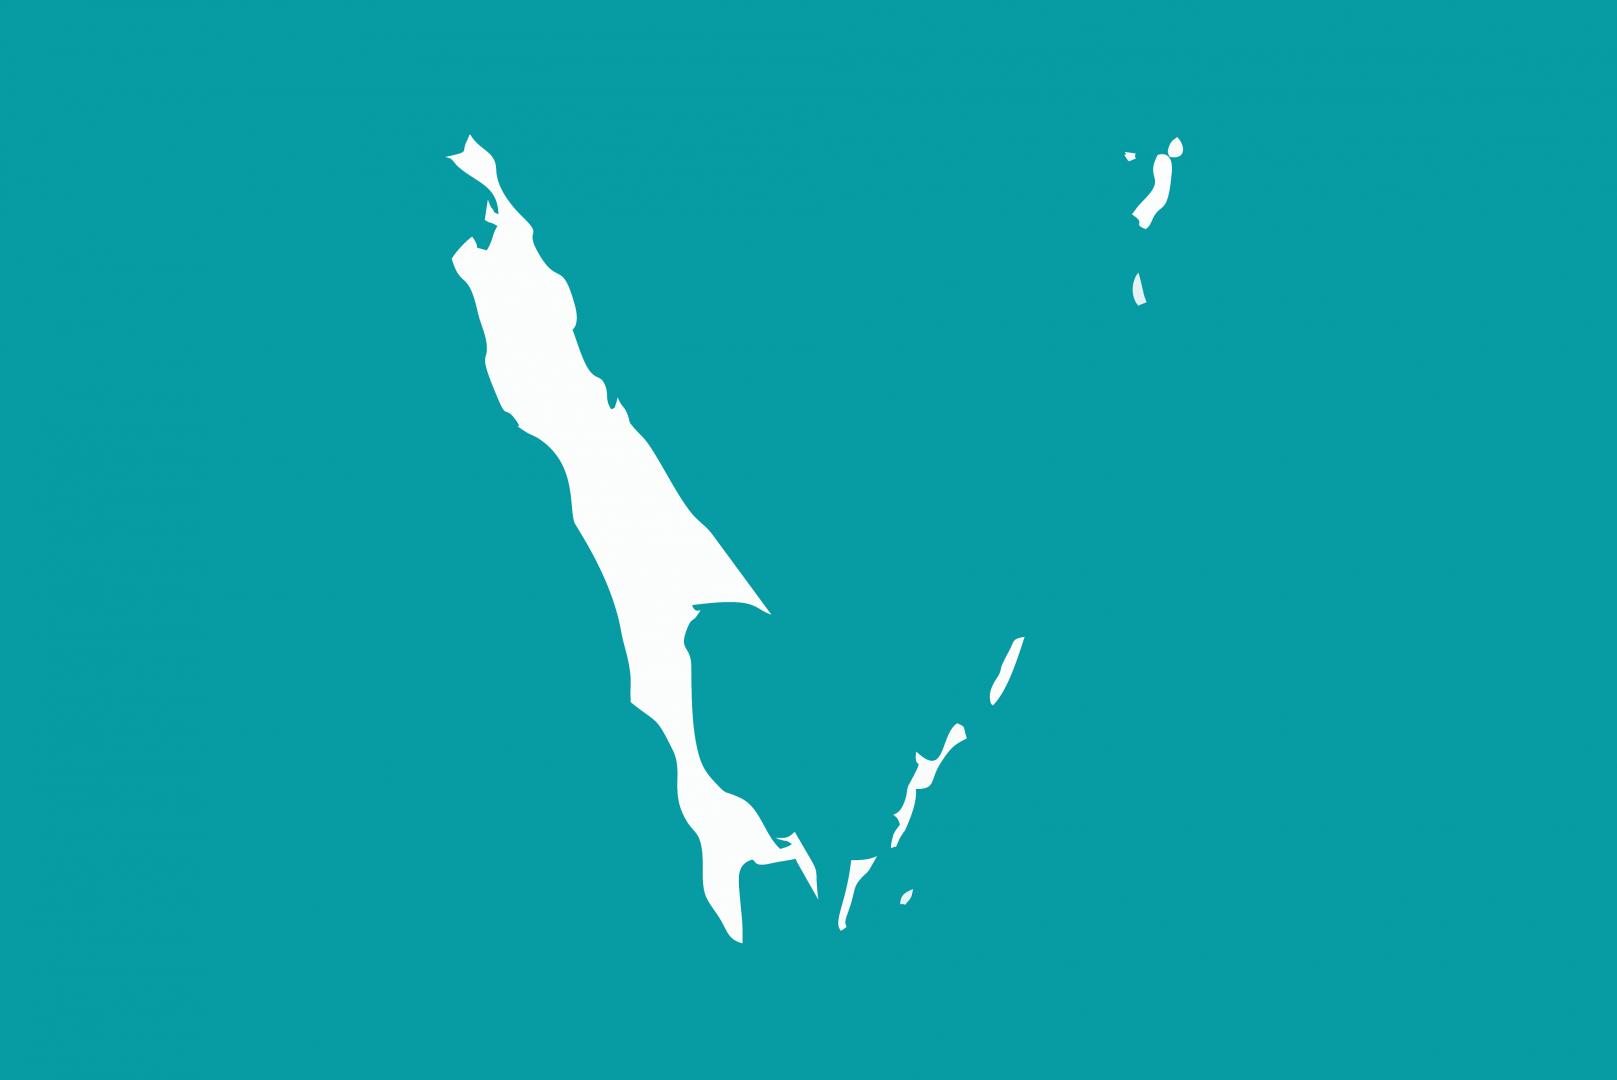 Флаг Сахалинской области России с Курильскими островами